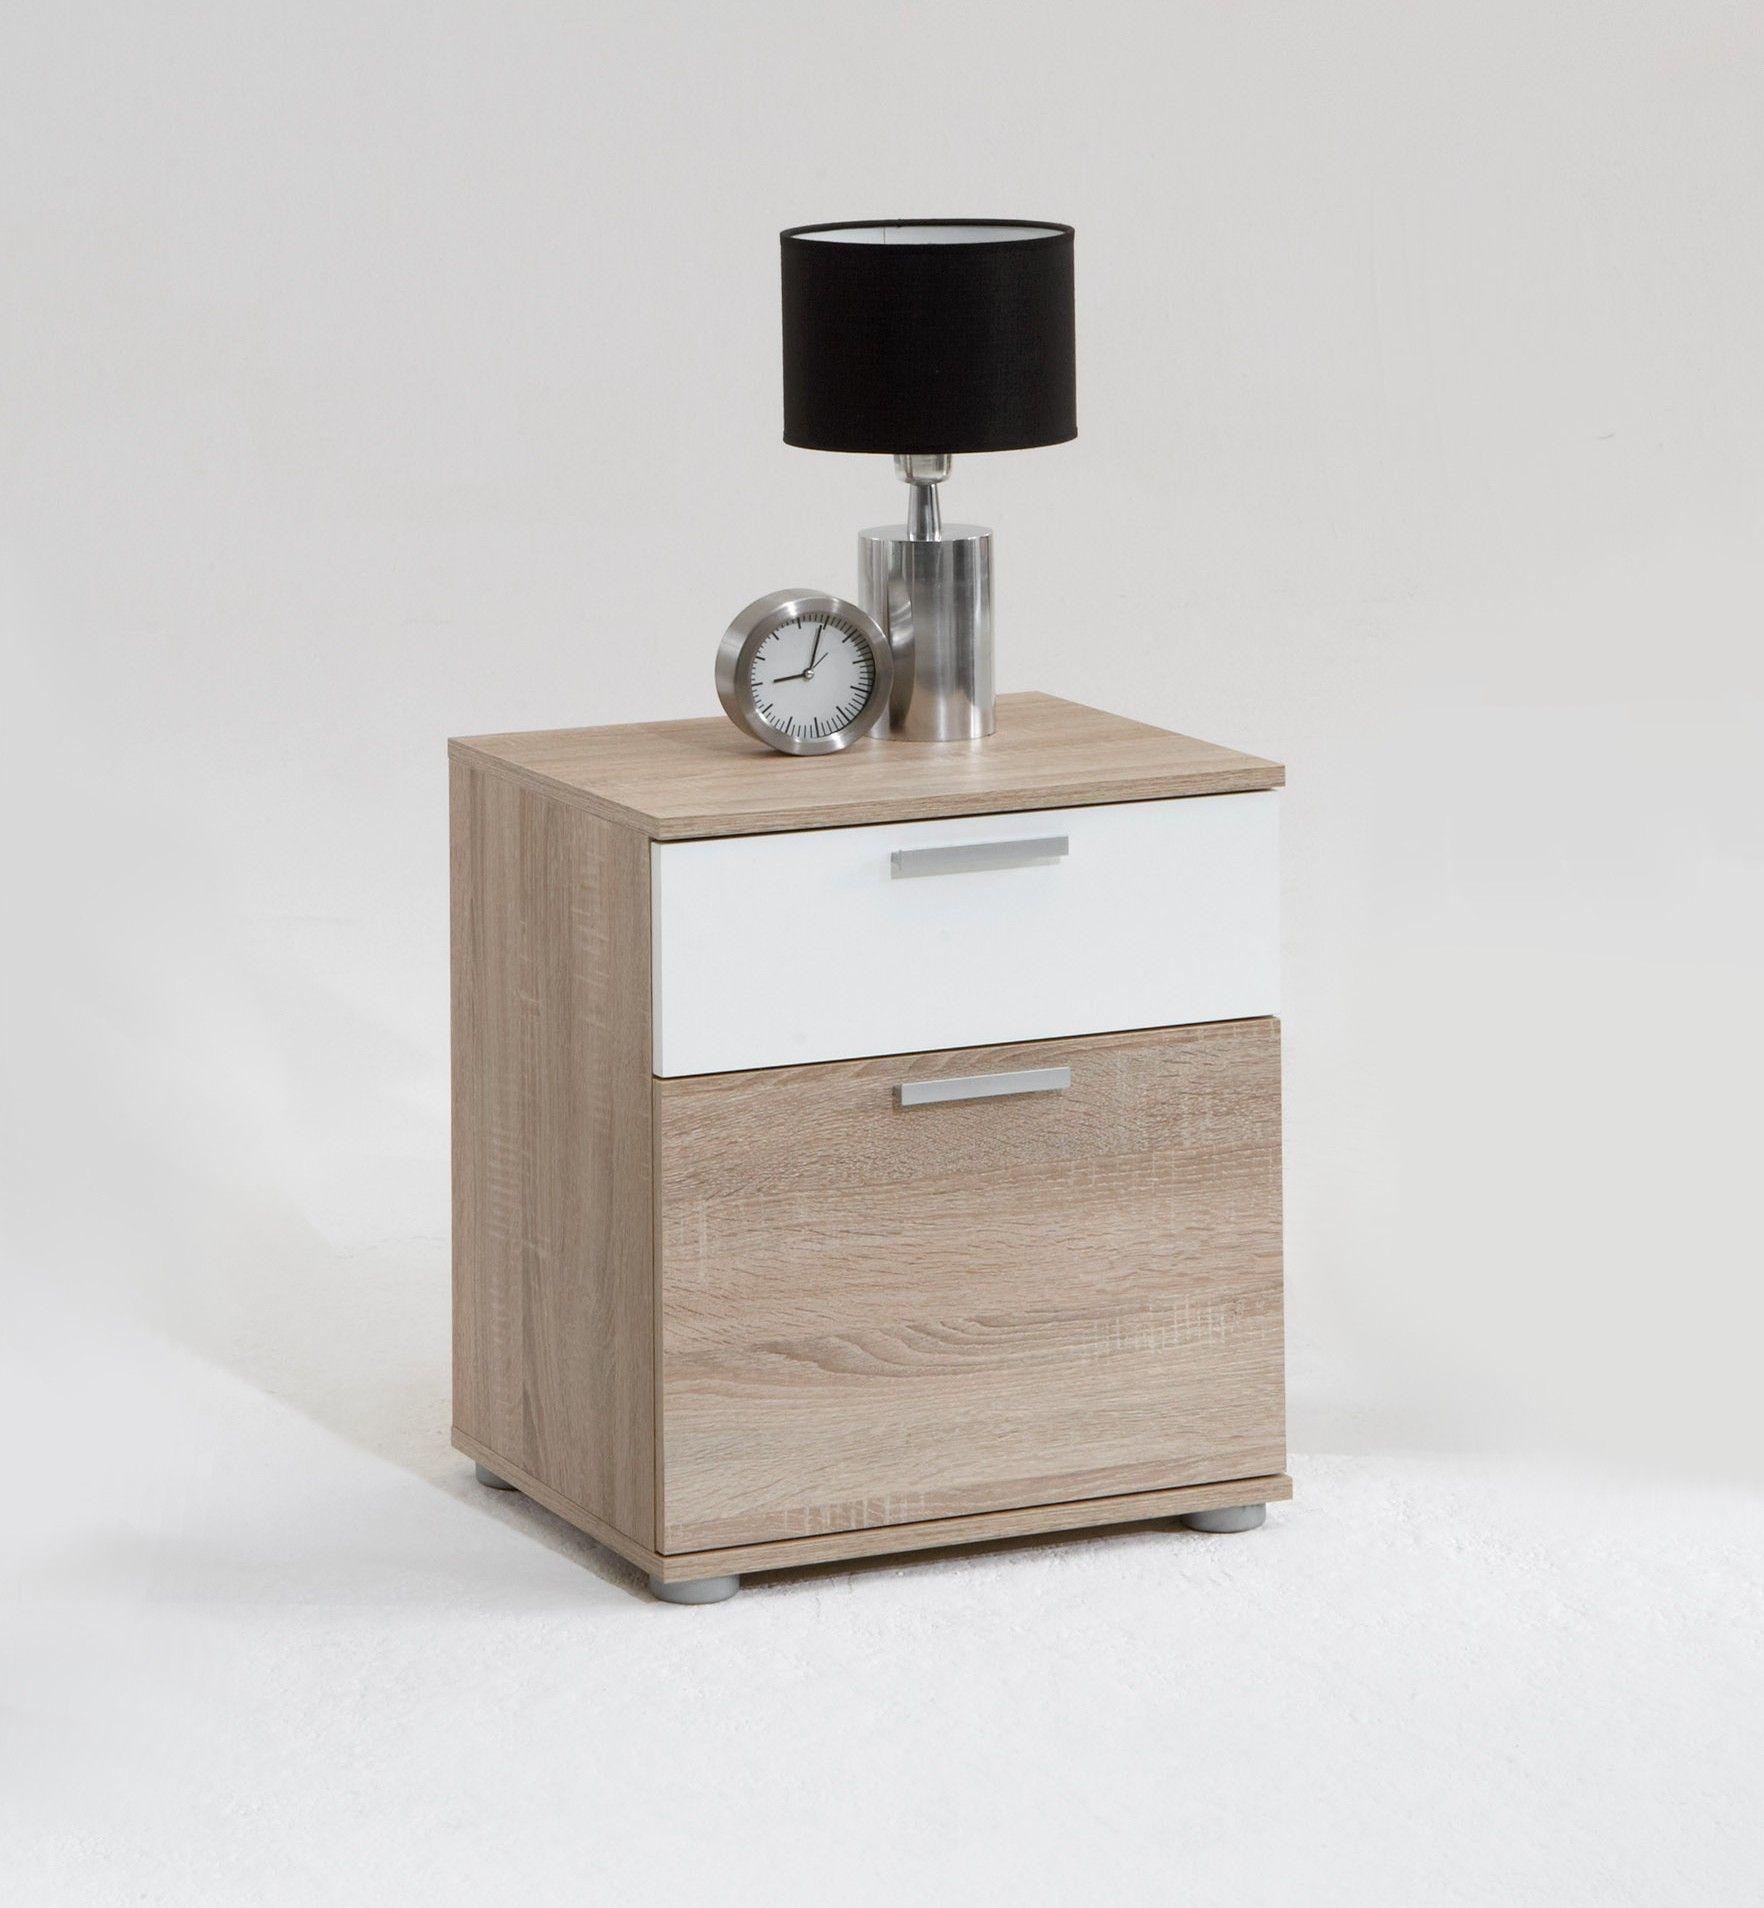 Nachttisch Jack Mit 2 Schubladen Braune Eiche Weiss Fmd Emob